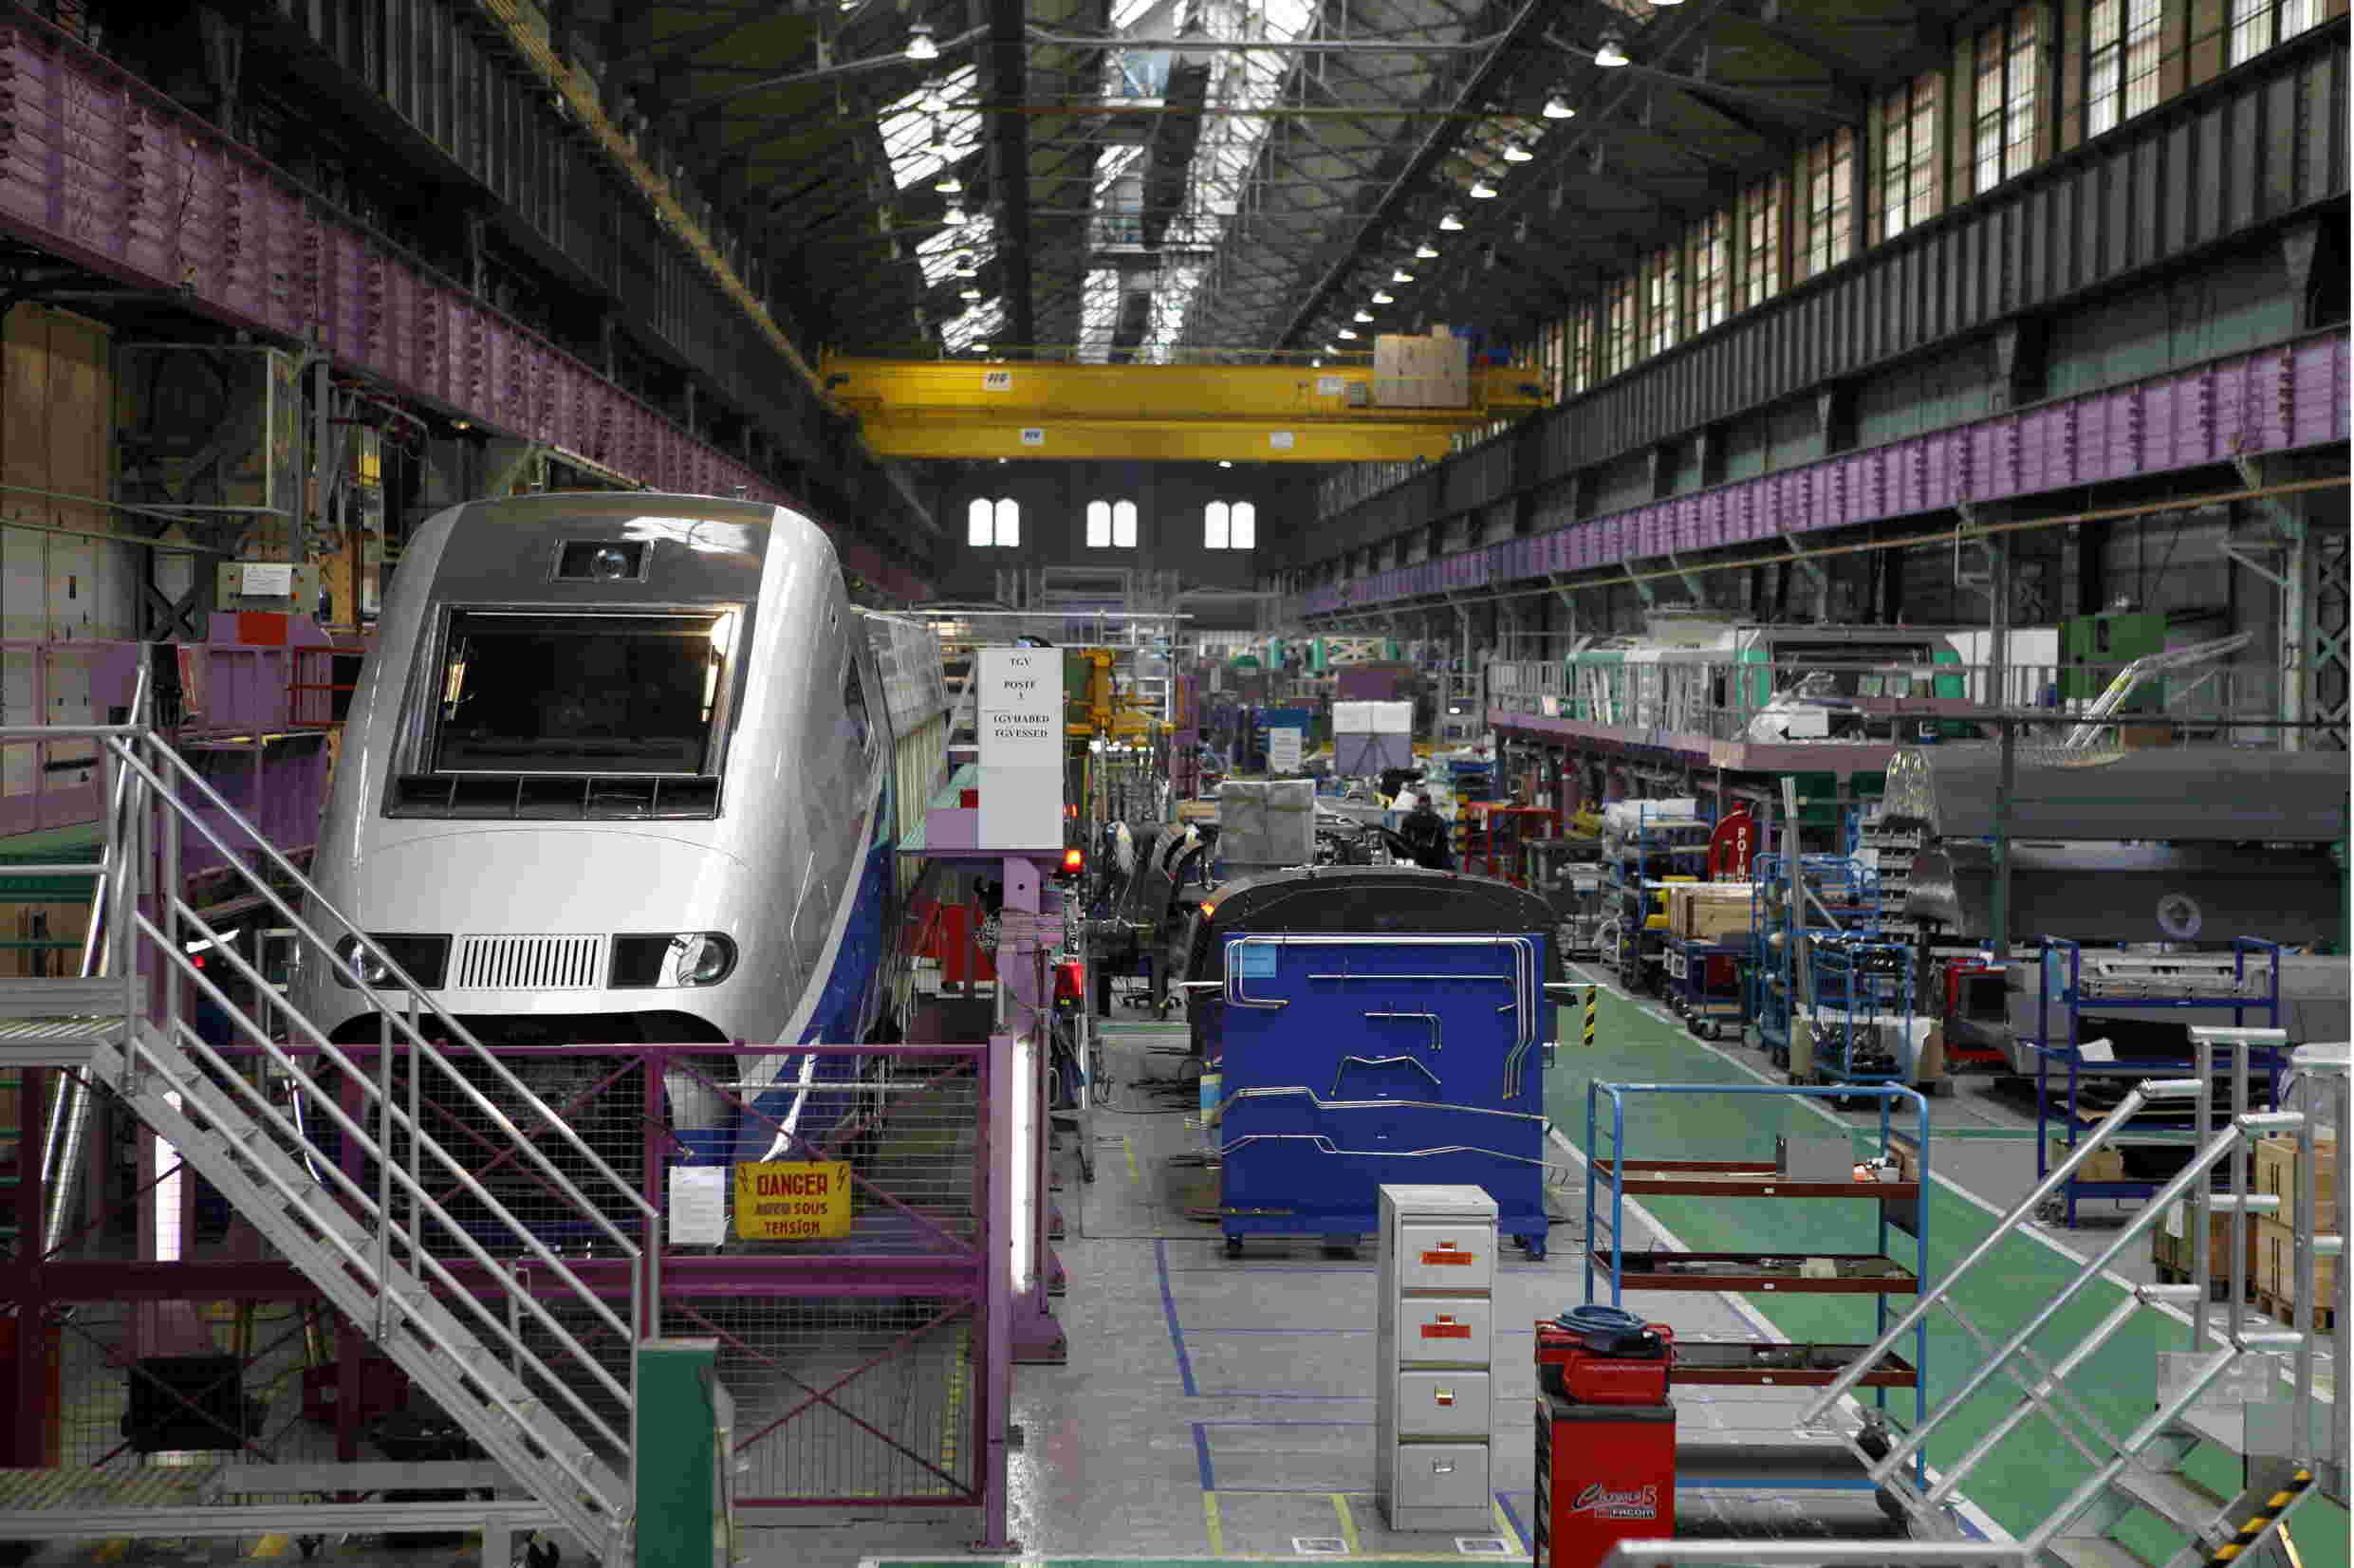 ValRail - Société d'Etat de systèmes de transport (1 MRV) Usine_10